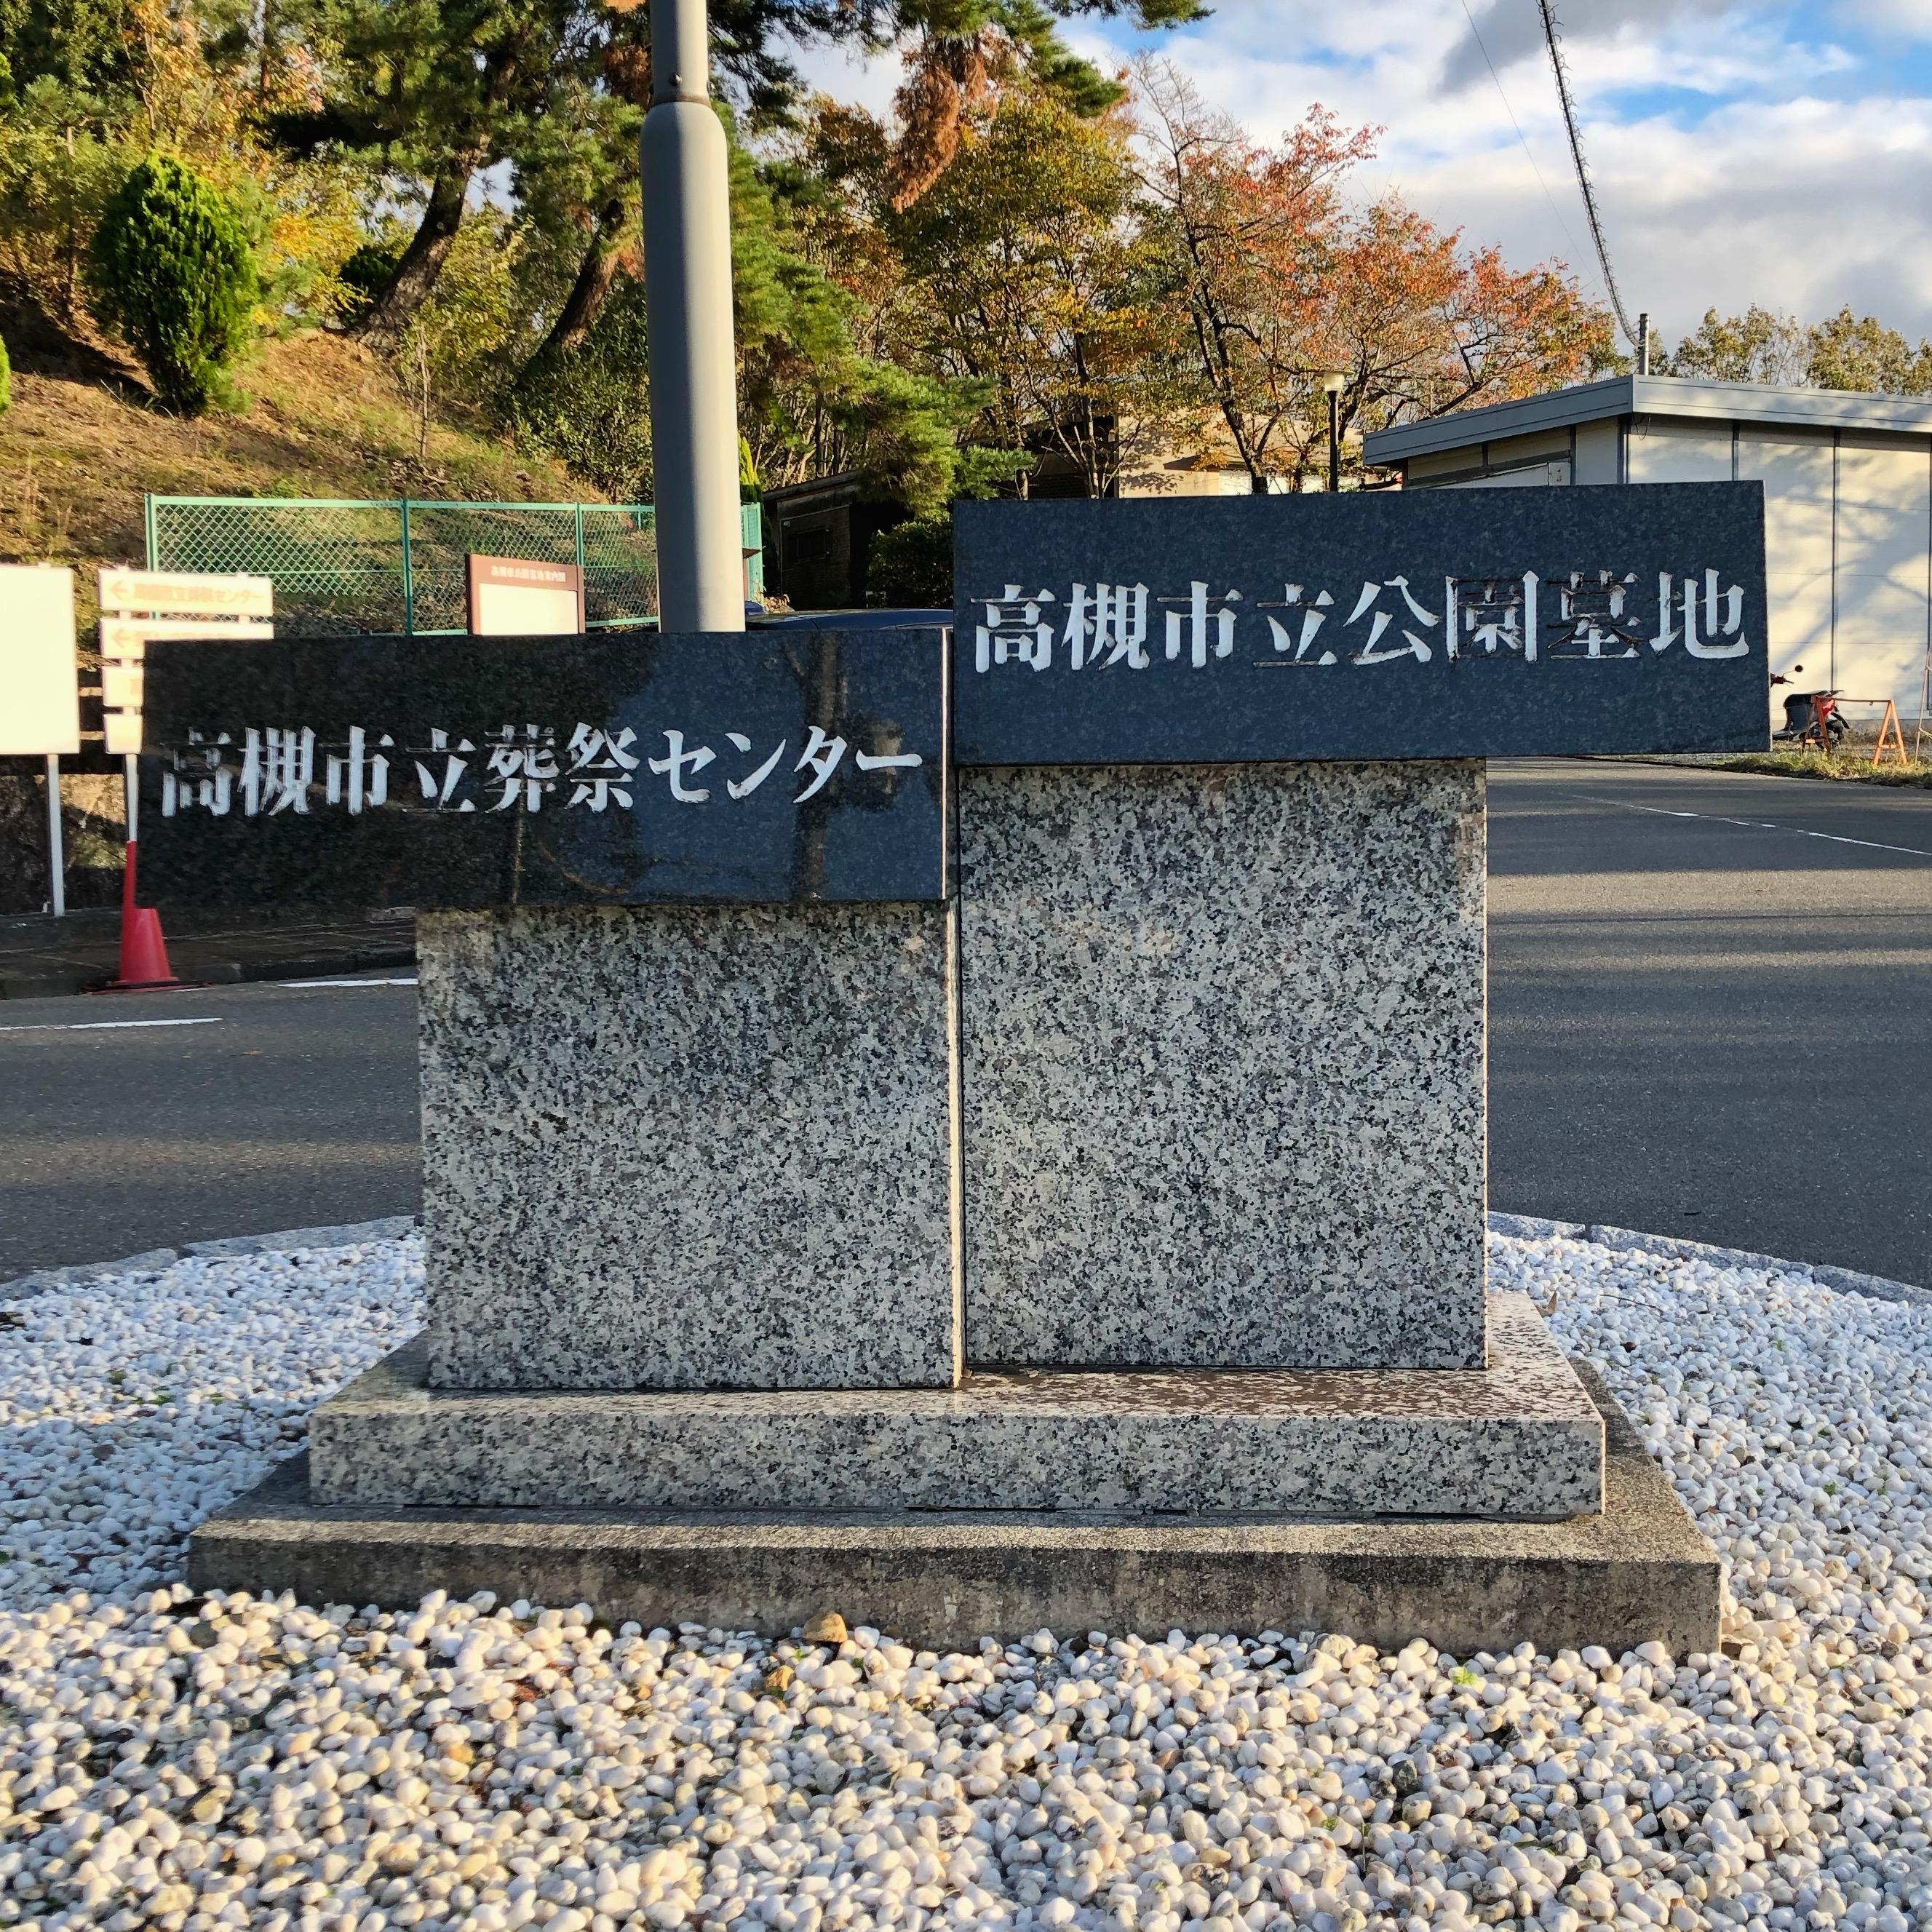 高槻市立葬祭センター入口